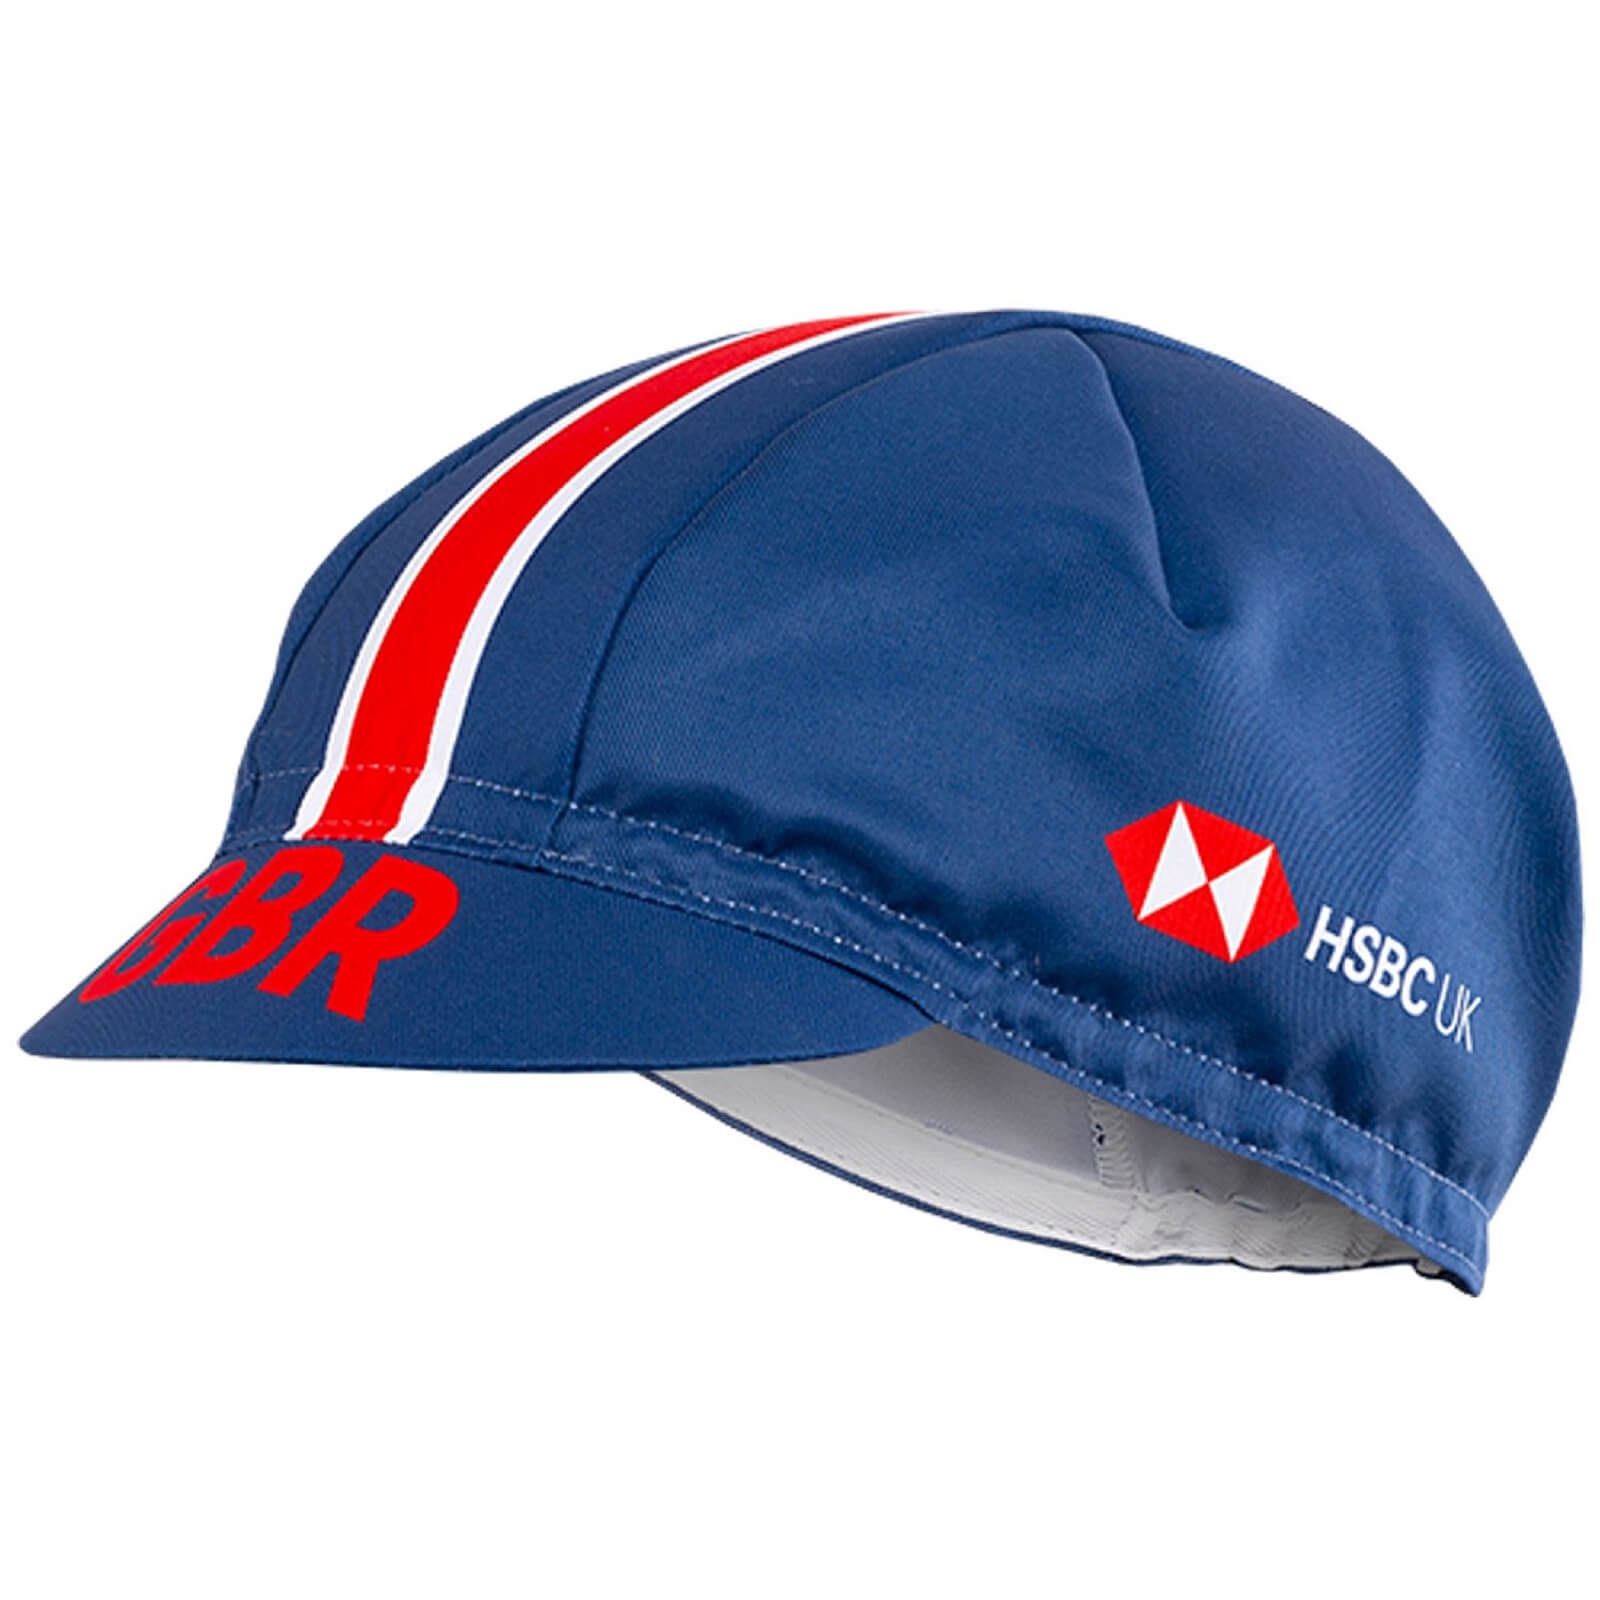 Kalas GBCT Summer Cap - S